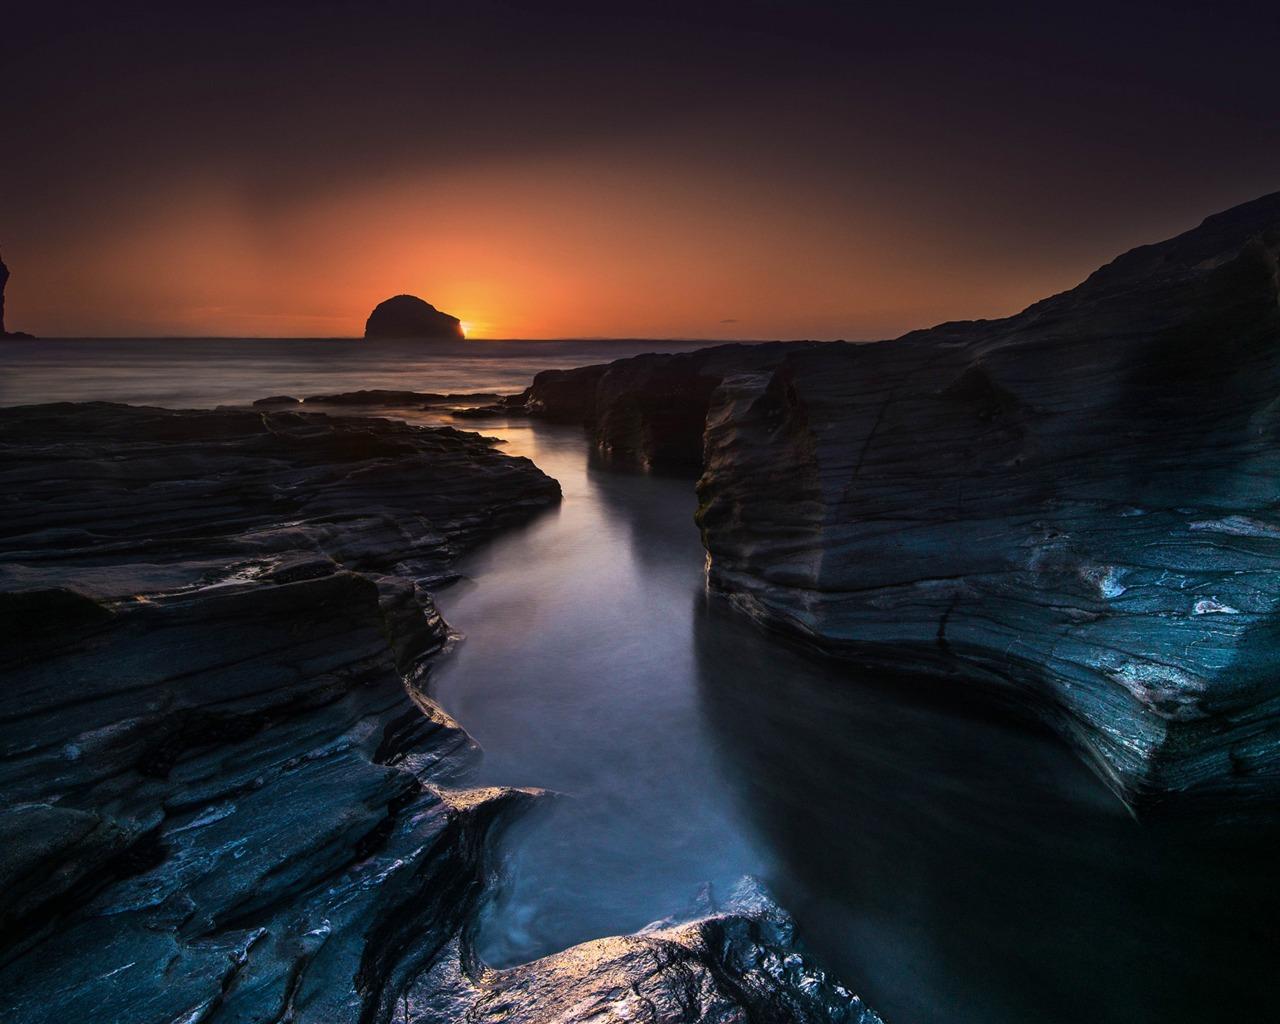 英格兰出行旅游的夕阳-自然摄影高清壁纸 当前壁纸尺寸: 1280 x 1024图片